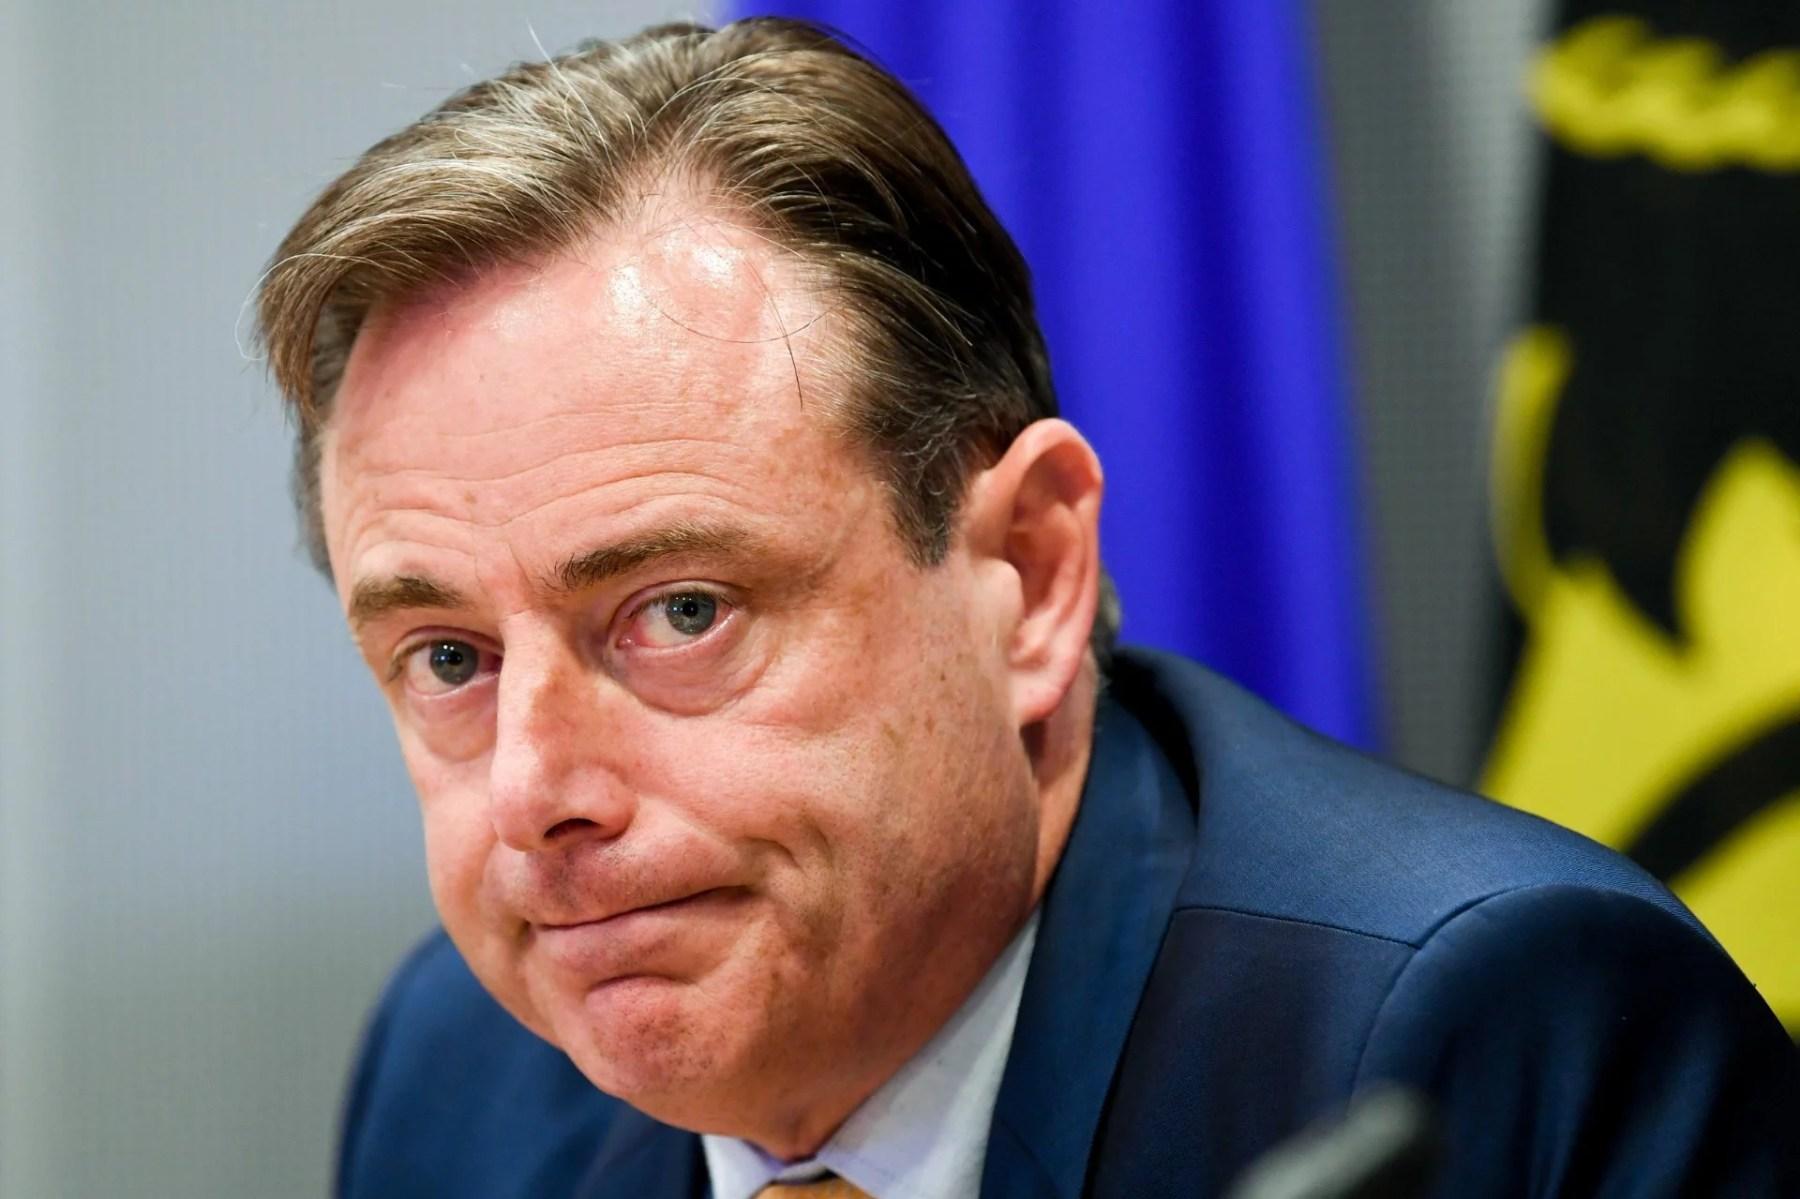 Attaques contre la presse et mensonges… et maintenant, Bart De Wever ?